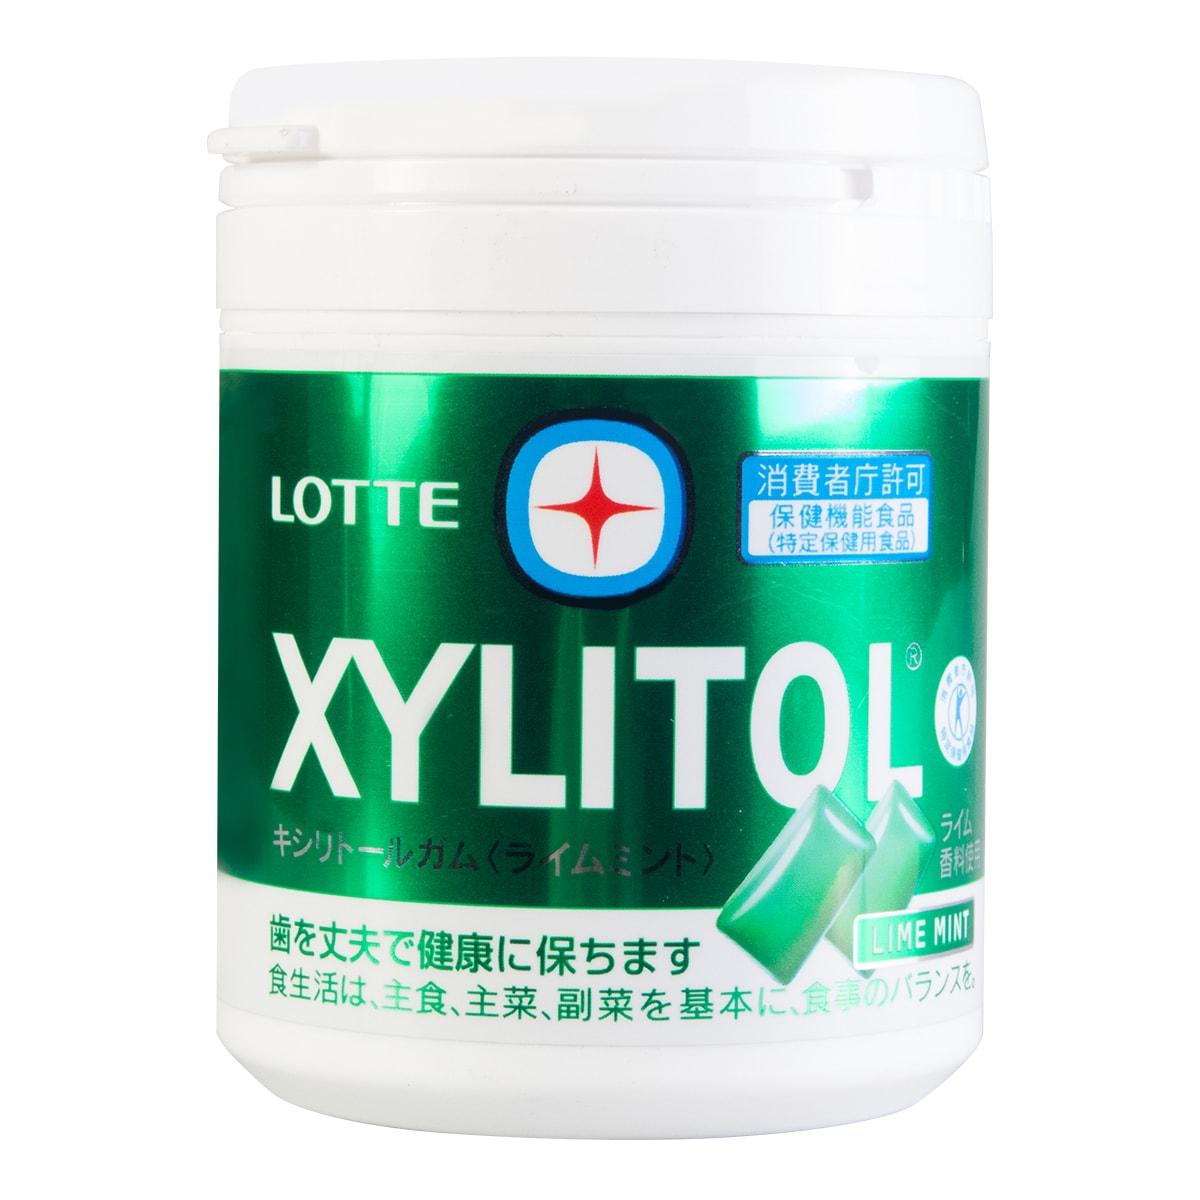 【清仓】日本LOTTE乐天 XYLITOL 口香糖 柠檬薄荷味 143g